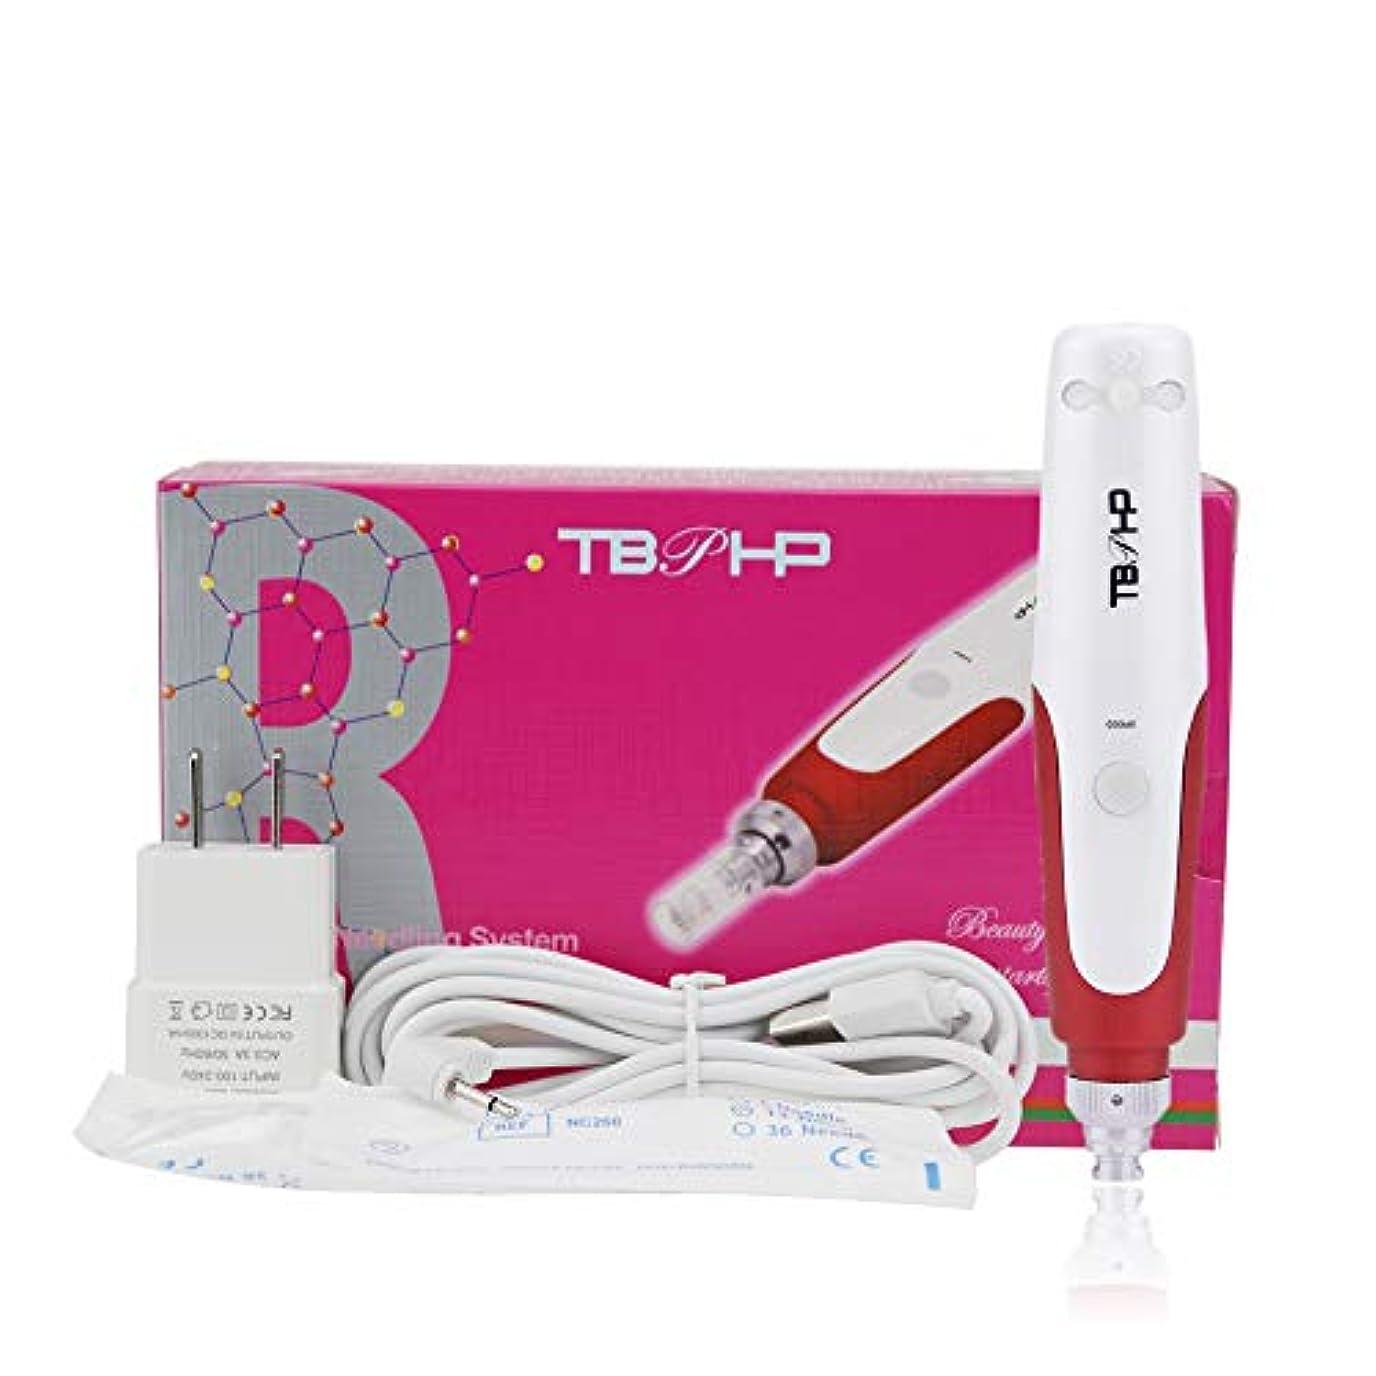 振動するテープ人気のMYM充電式電動スキンケアキットツール 美顔器 美肌器